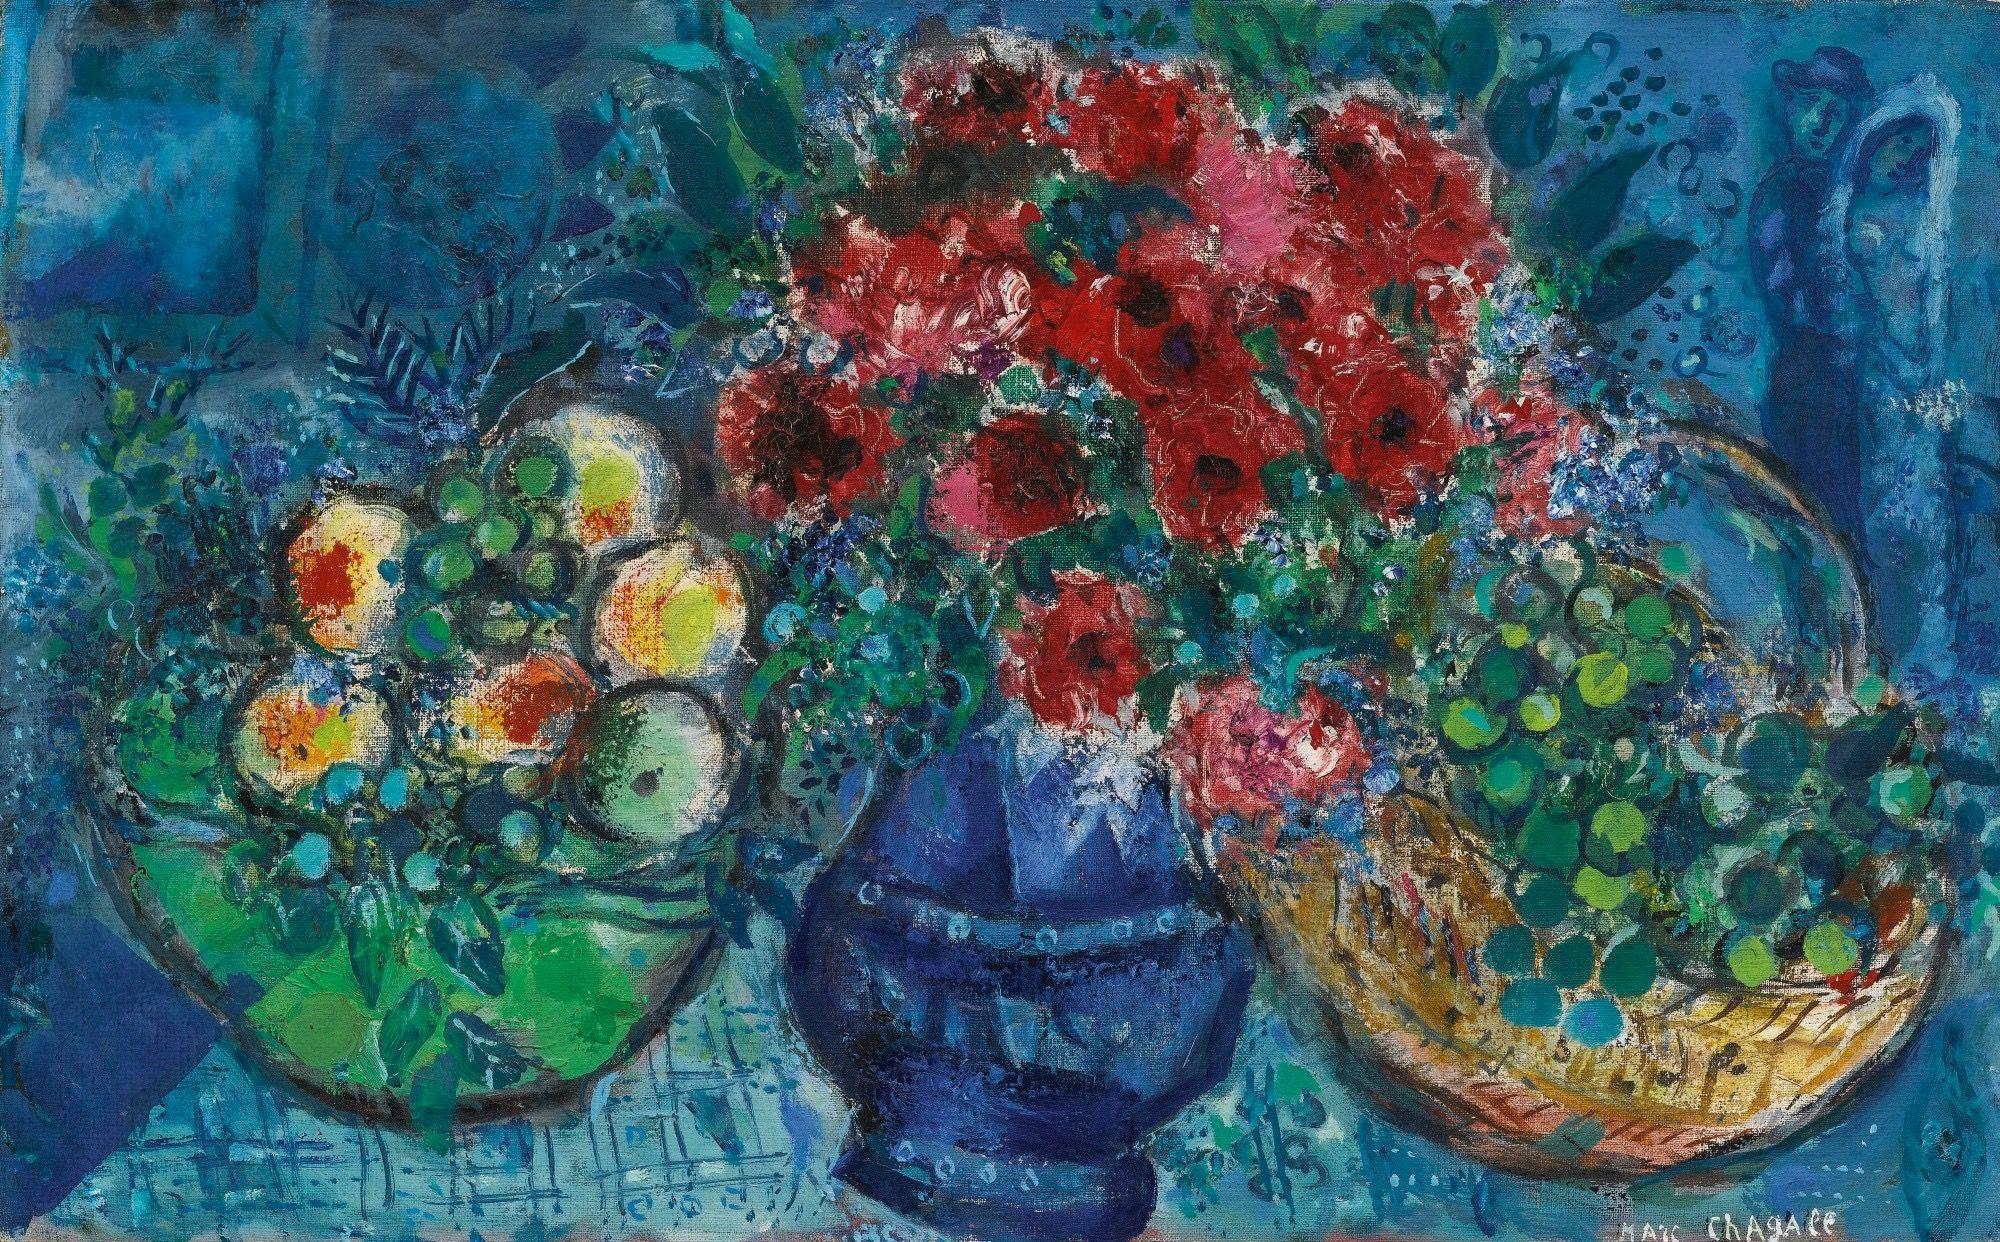 Marc Chagall  (1887-1985)  Le Vase bleu aux deux corbeilles de fruits, 1961-64